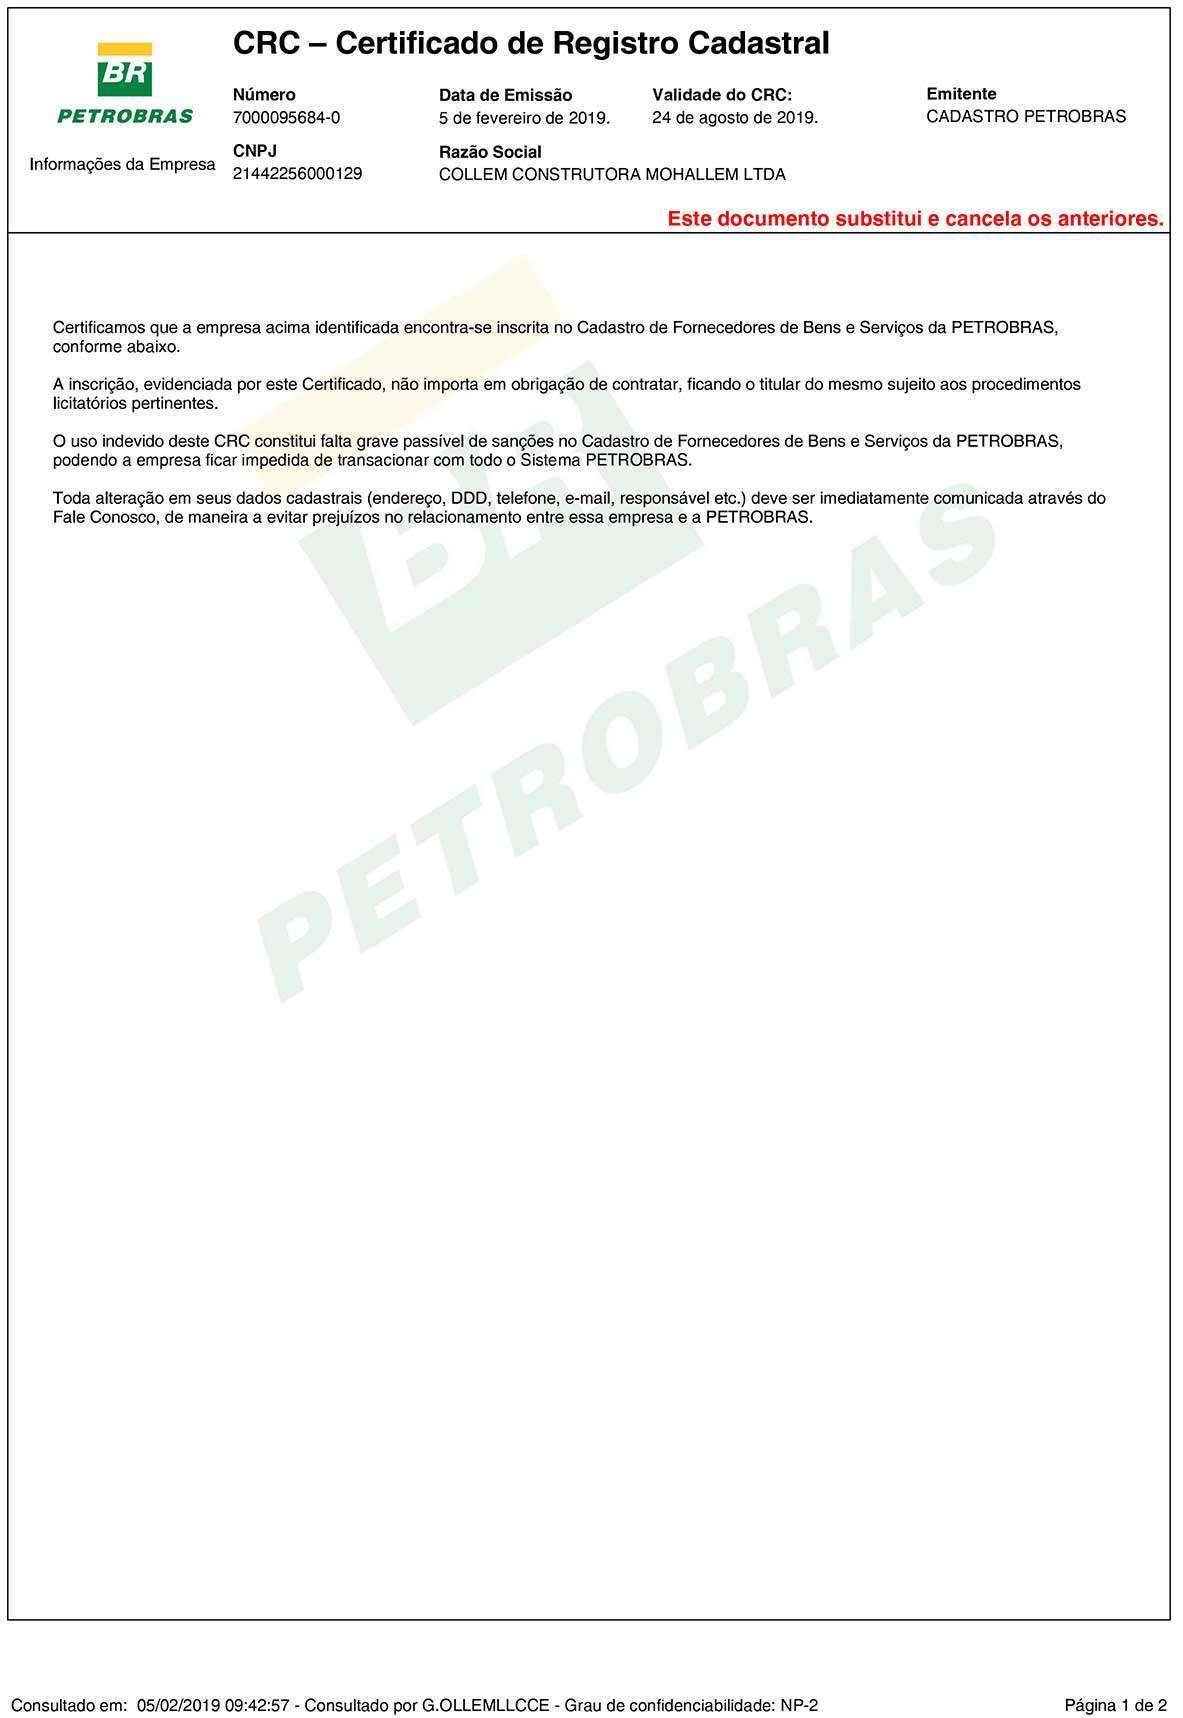 Collem renova Certificação (CRC) e Fornecedores de Bens e Serviços da Petrobrás. CRC Petrobras